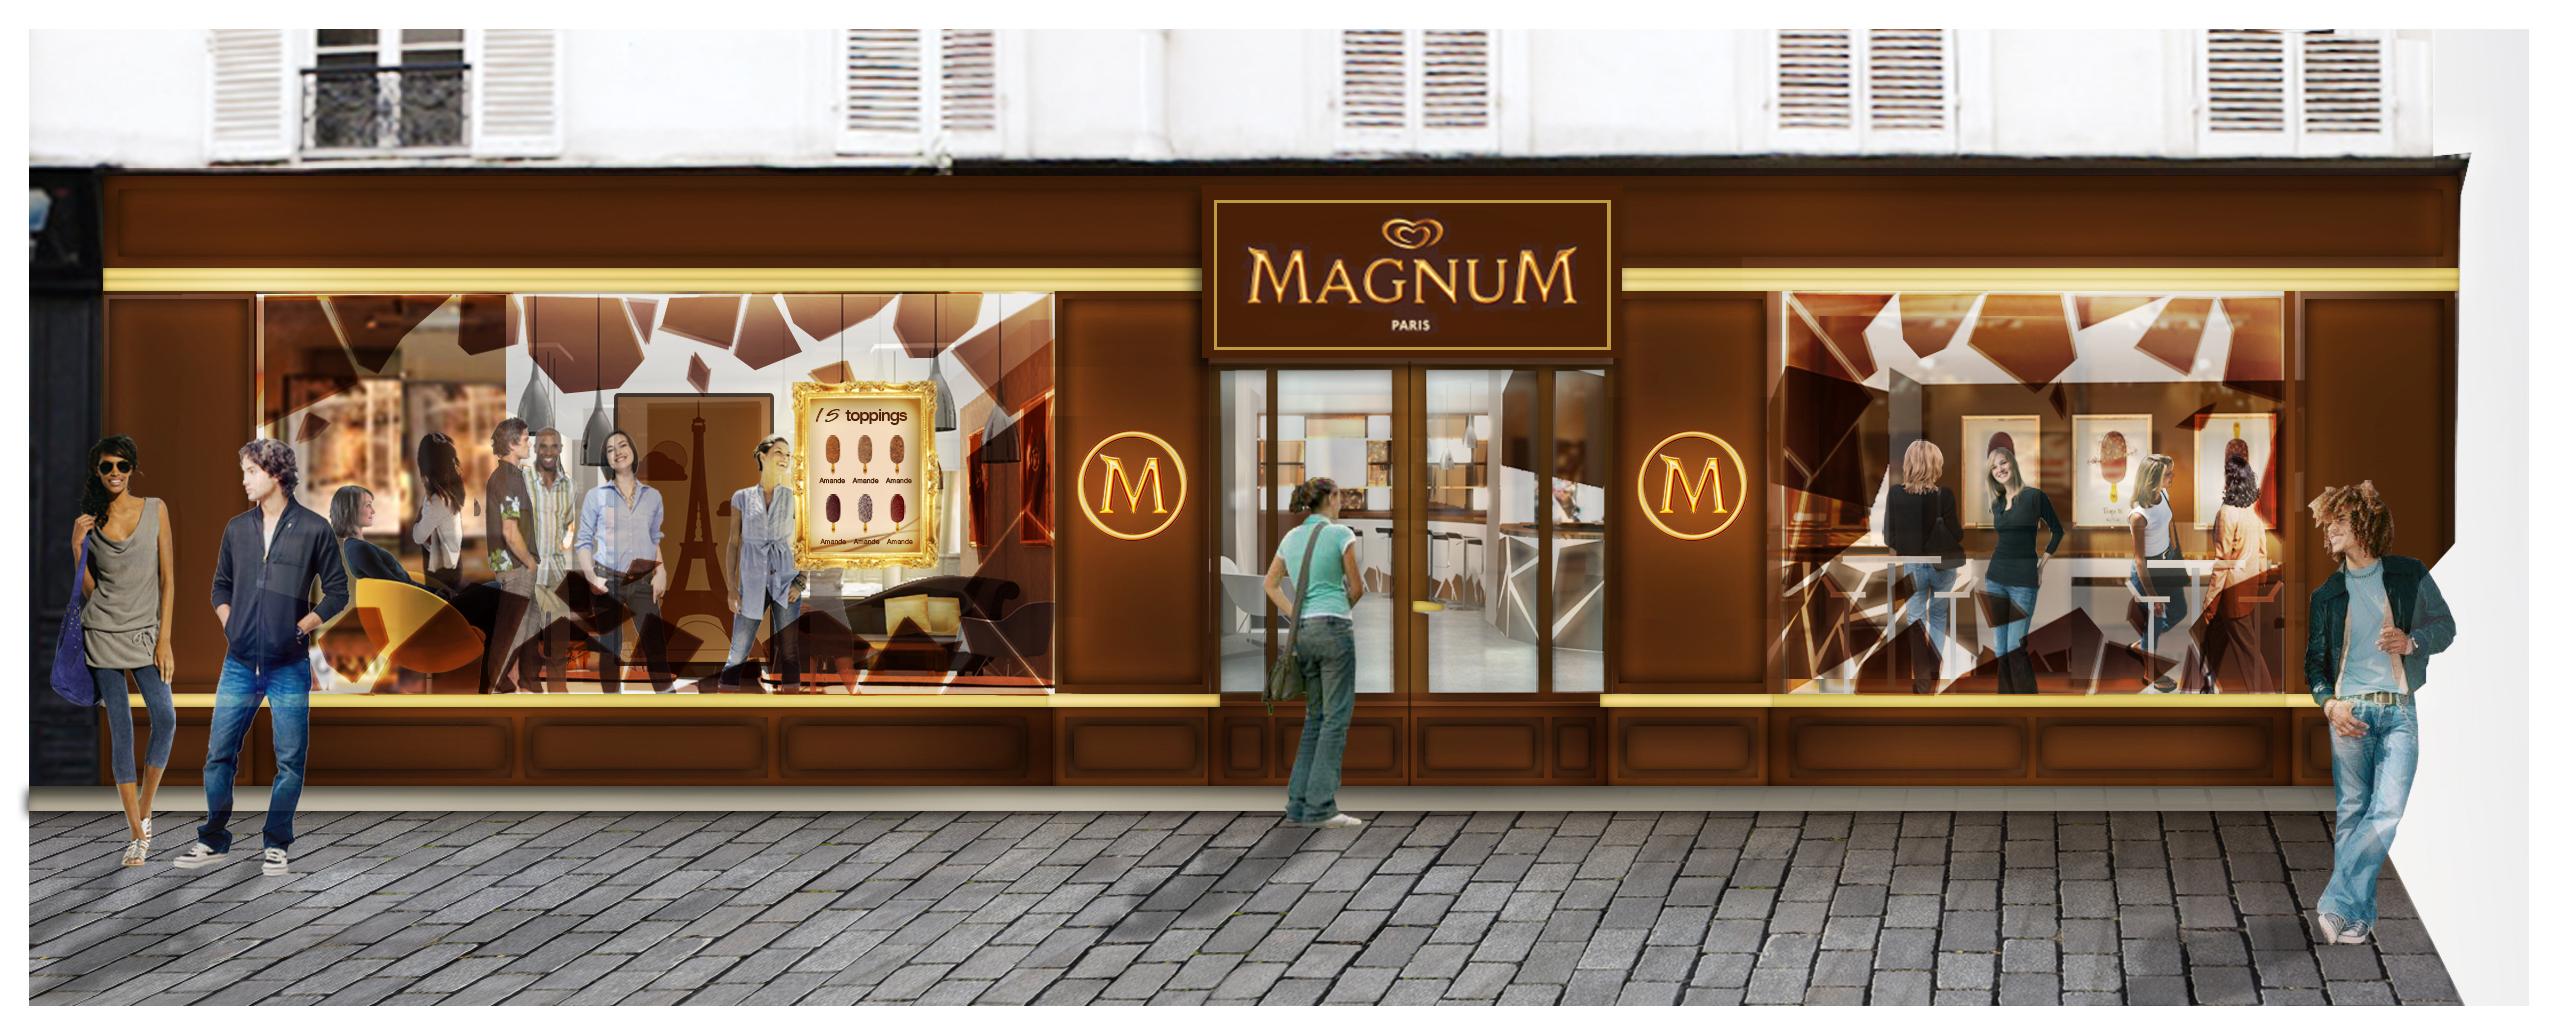 magnum annonce l�ouverture d�un caf233 233ph233m232re au cœur du